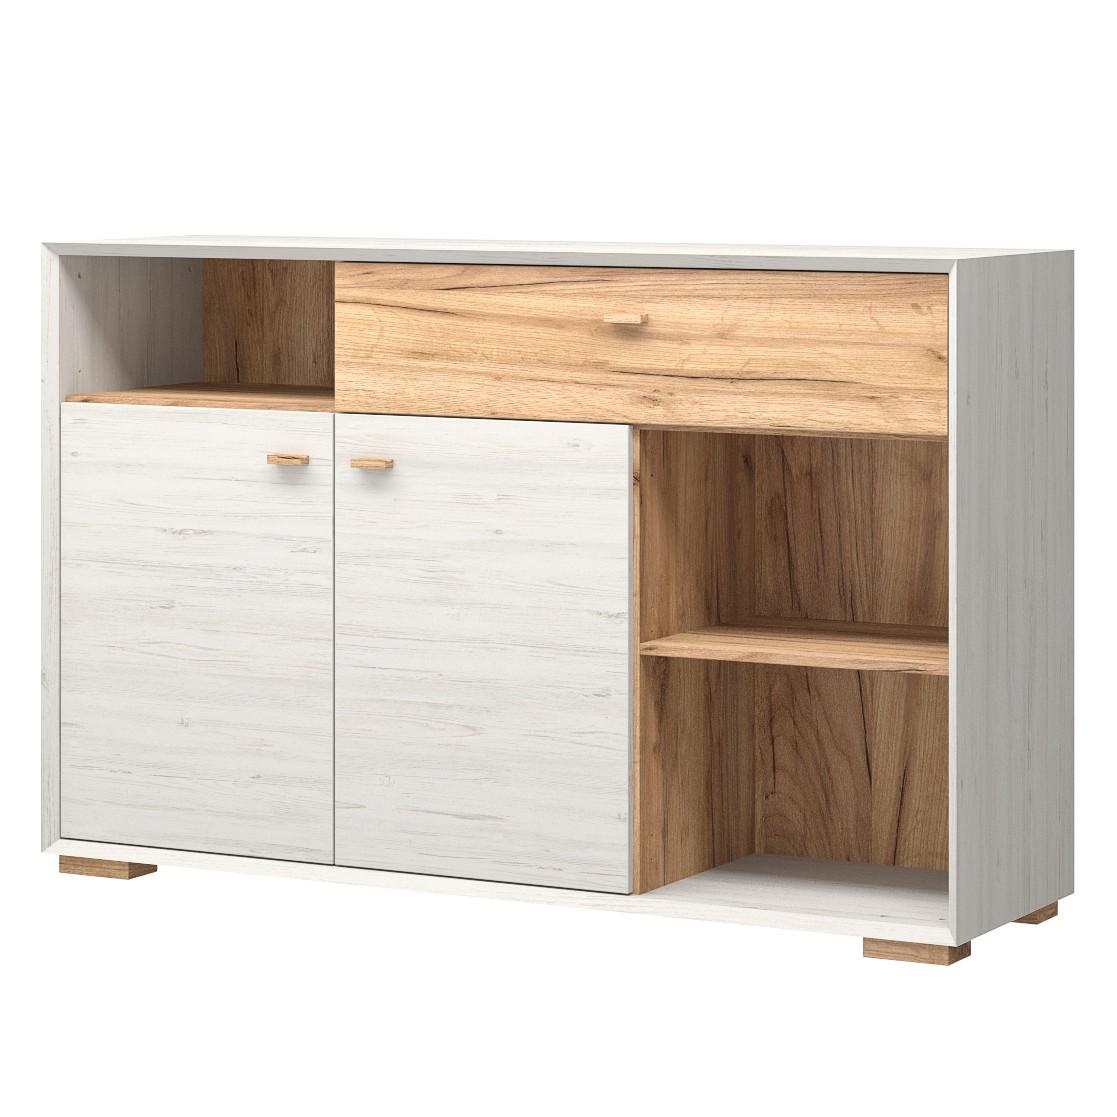 kaffeeservice weiss eckig preisvergleich die besten angebote online kaufen. Black Bedroom Furniture Sets. Home Design Ideas